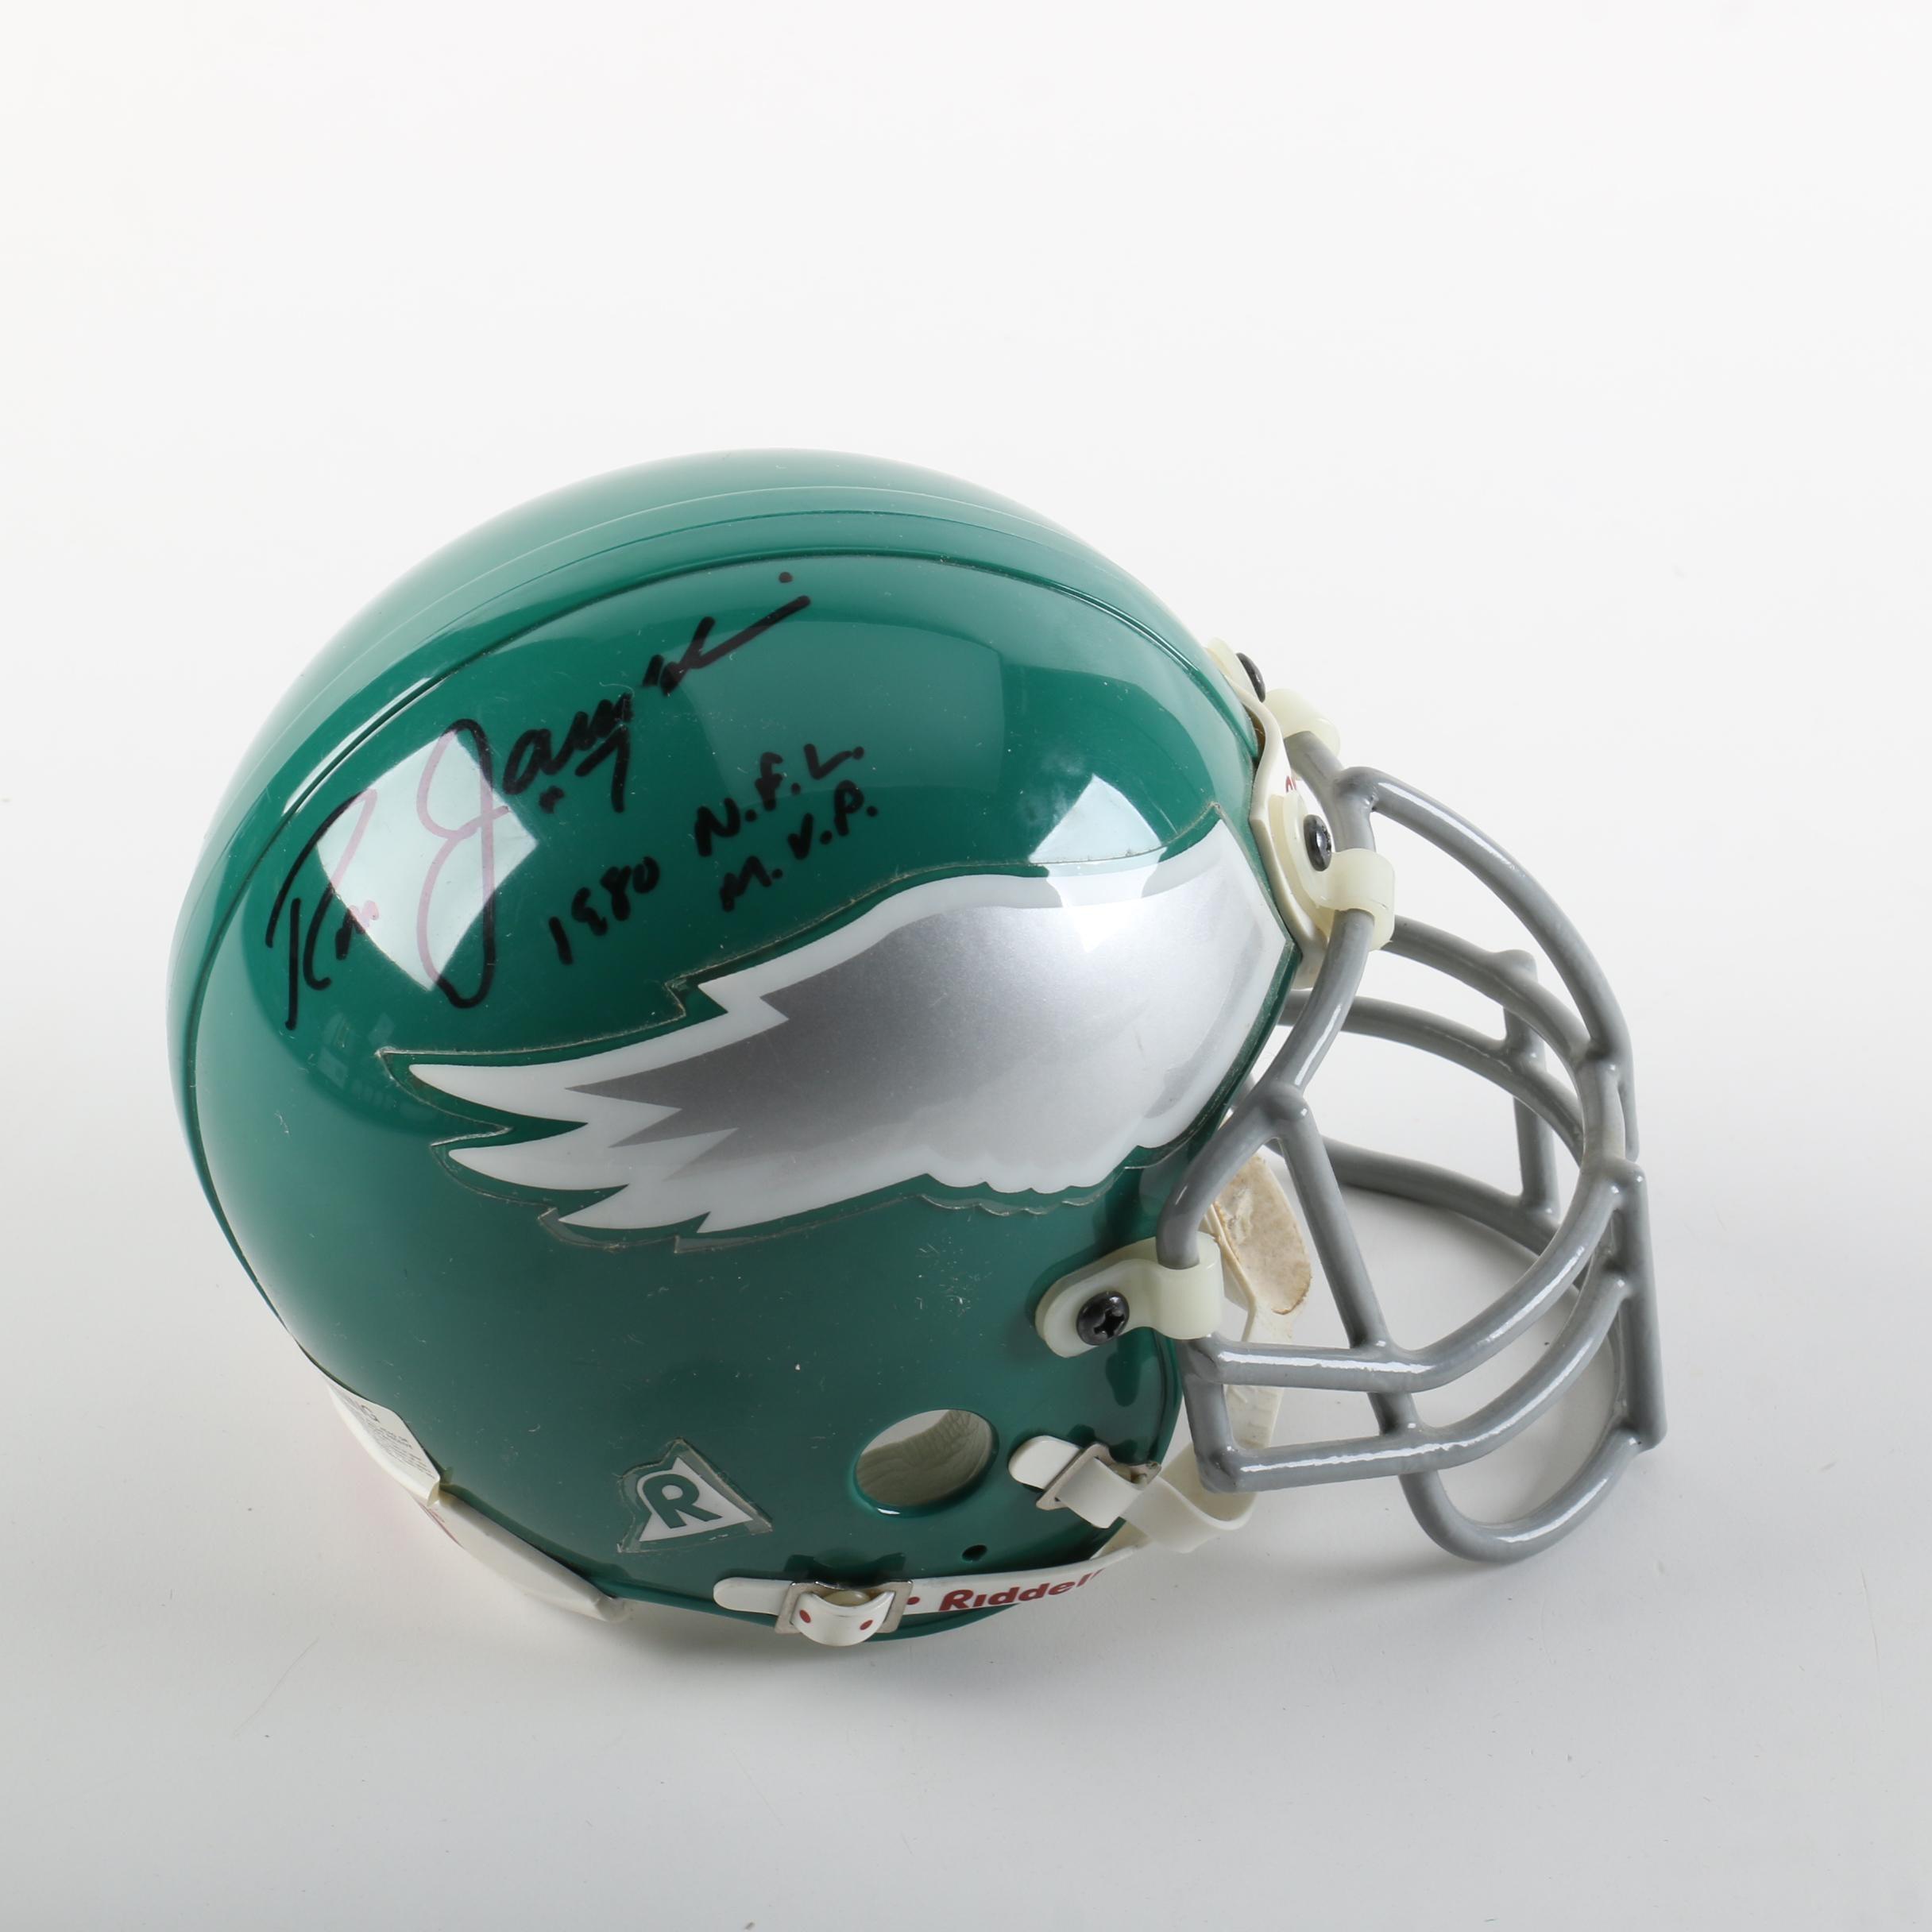 Ron Jaworski Autographed Eagles Riddell Throwback Mini Helmet